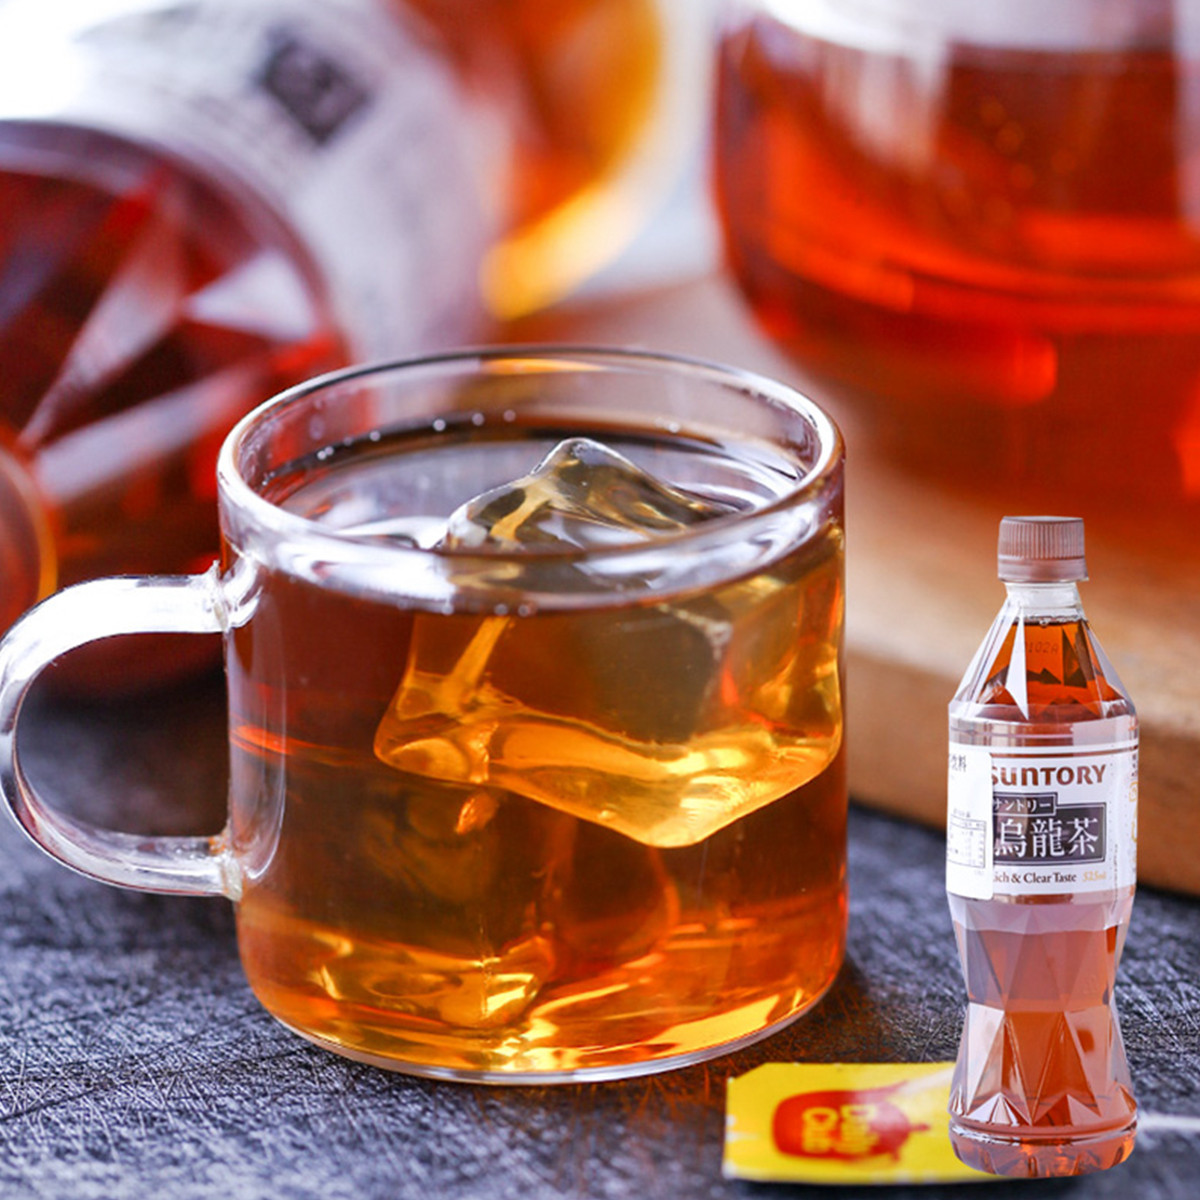 和風细语日本进口SUNTORY三得利西柚果汁味饮料网红饮品COLOR乌龙茶饮品525ML